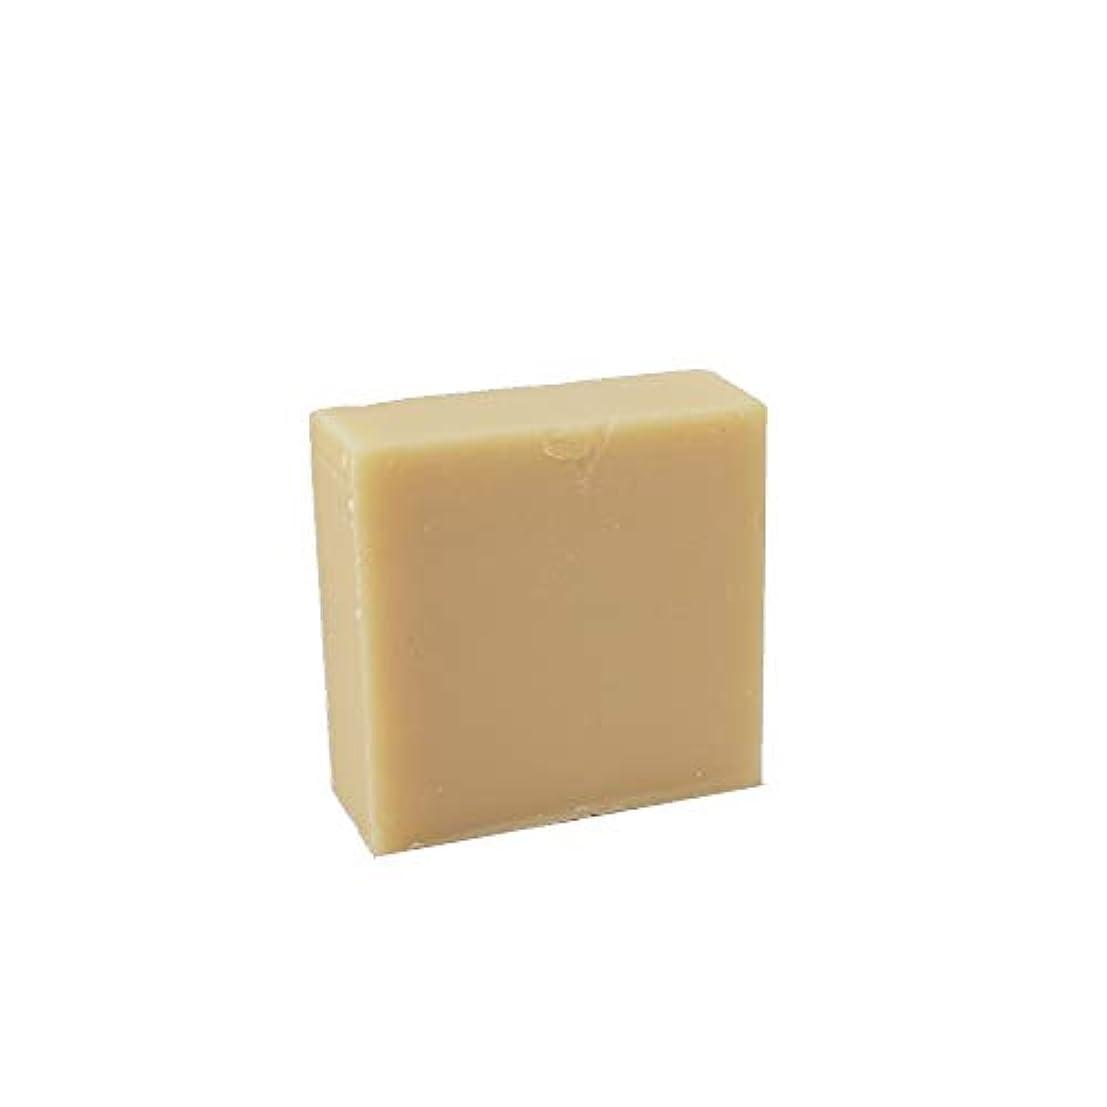 石けん工房花華のマヌカハニー石鹸 コールドプロセス製法 80g